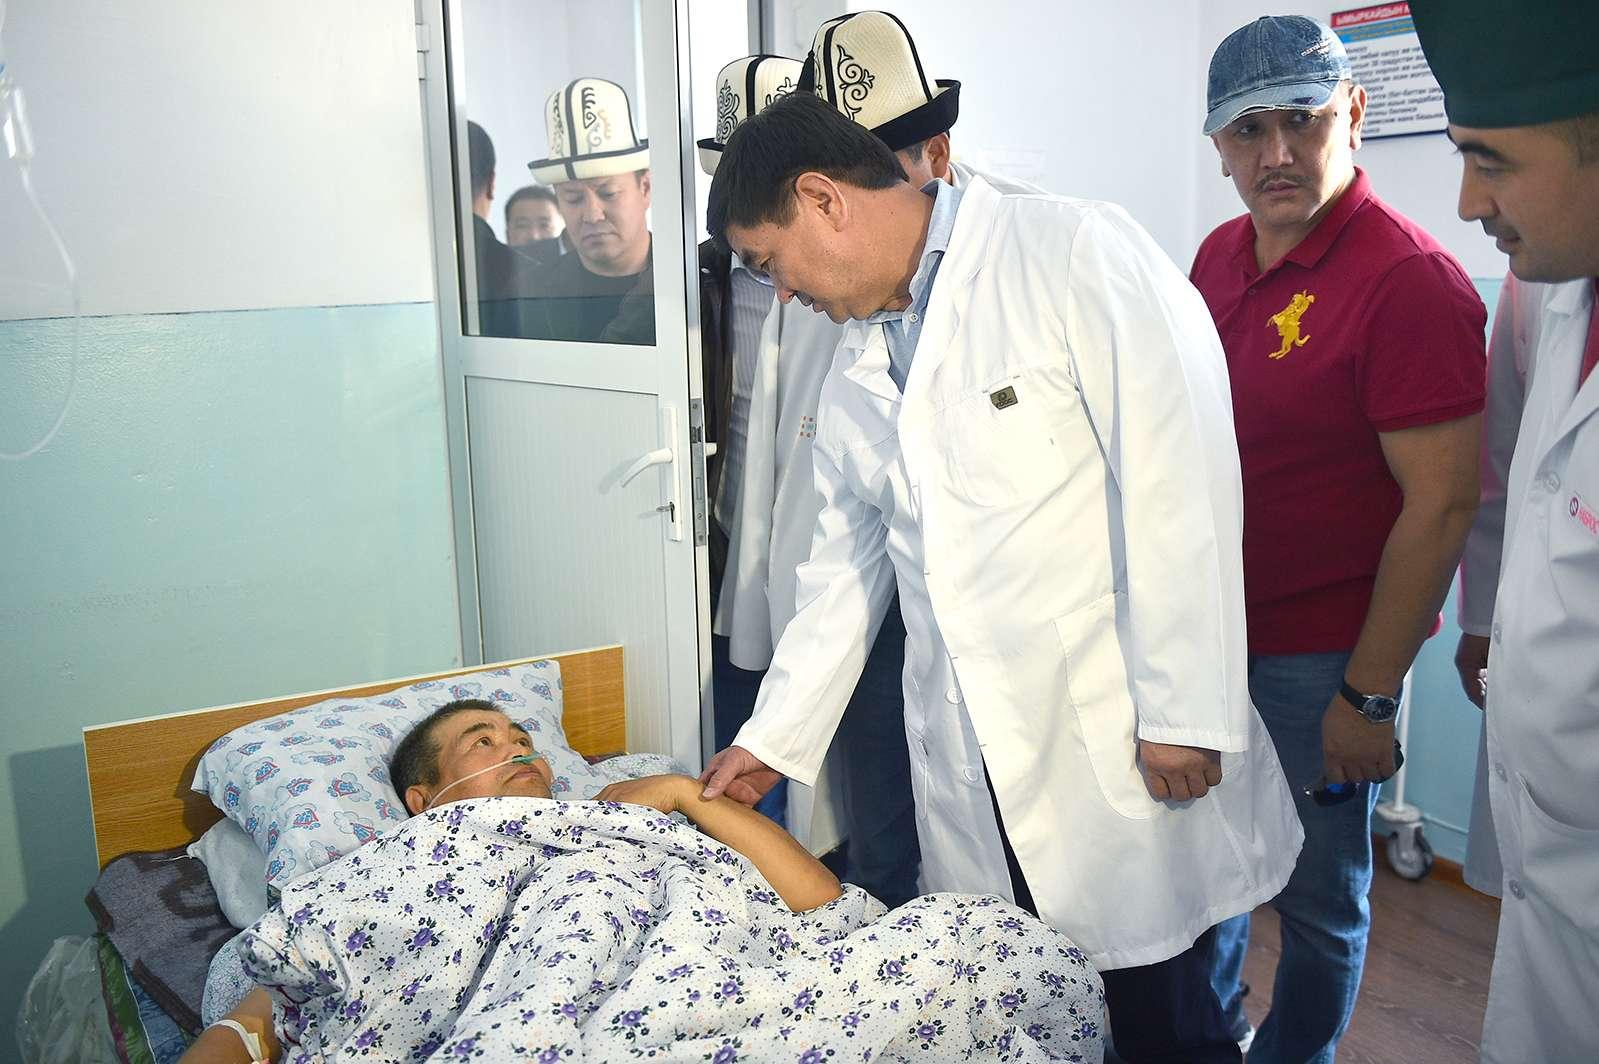 Премьер-министр КР посетил больницу, где лежит часть раненых и пообещал оказать материальную и иную помощь всем пострадавшим в результате ЧП.